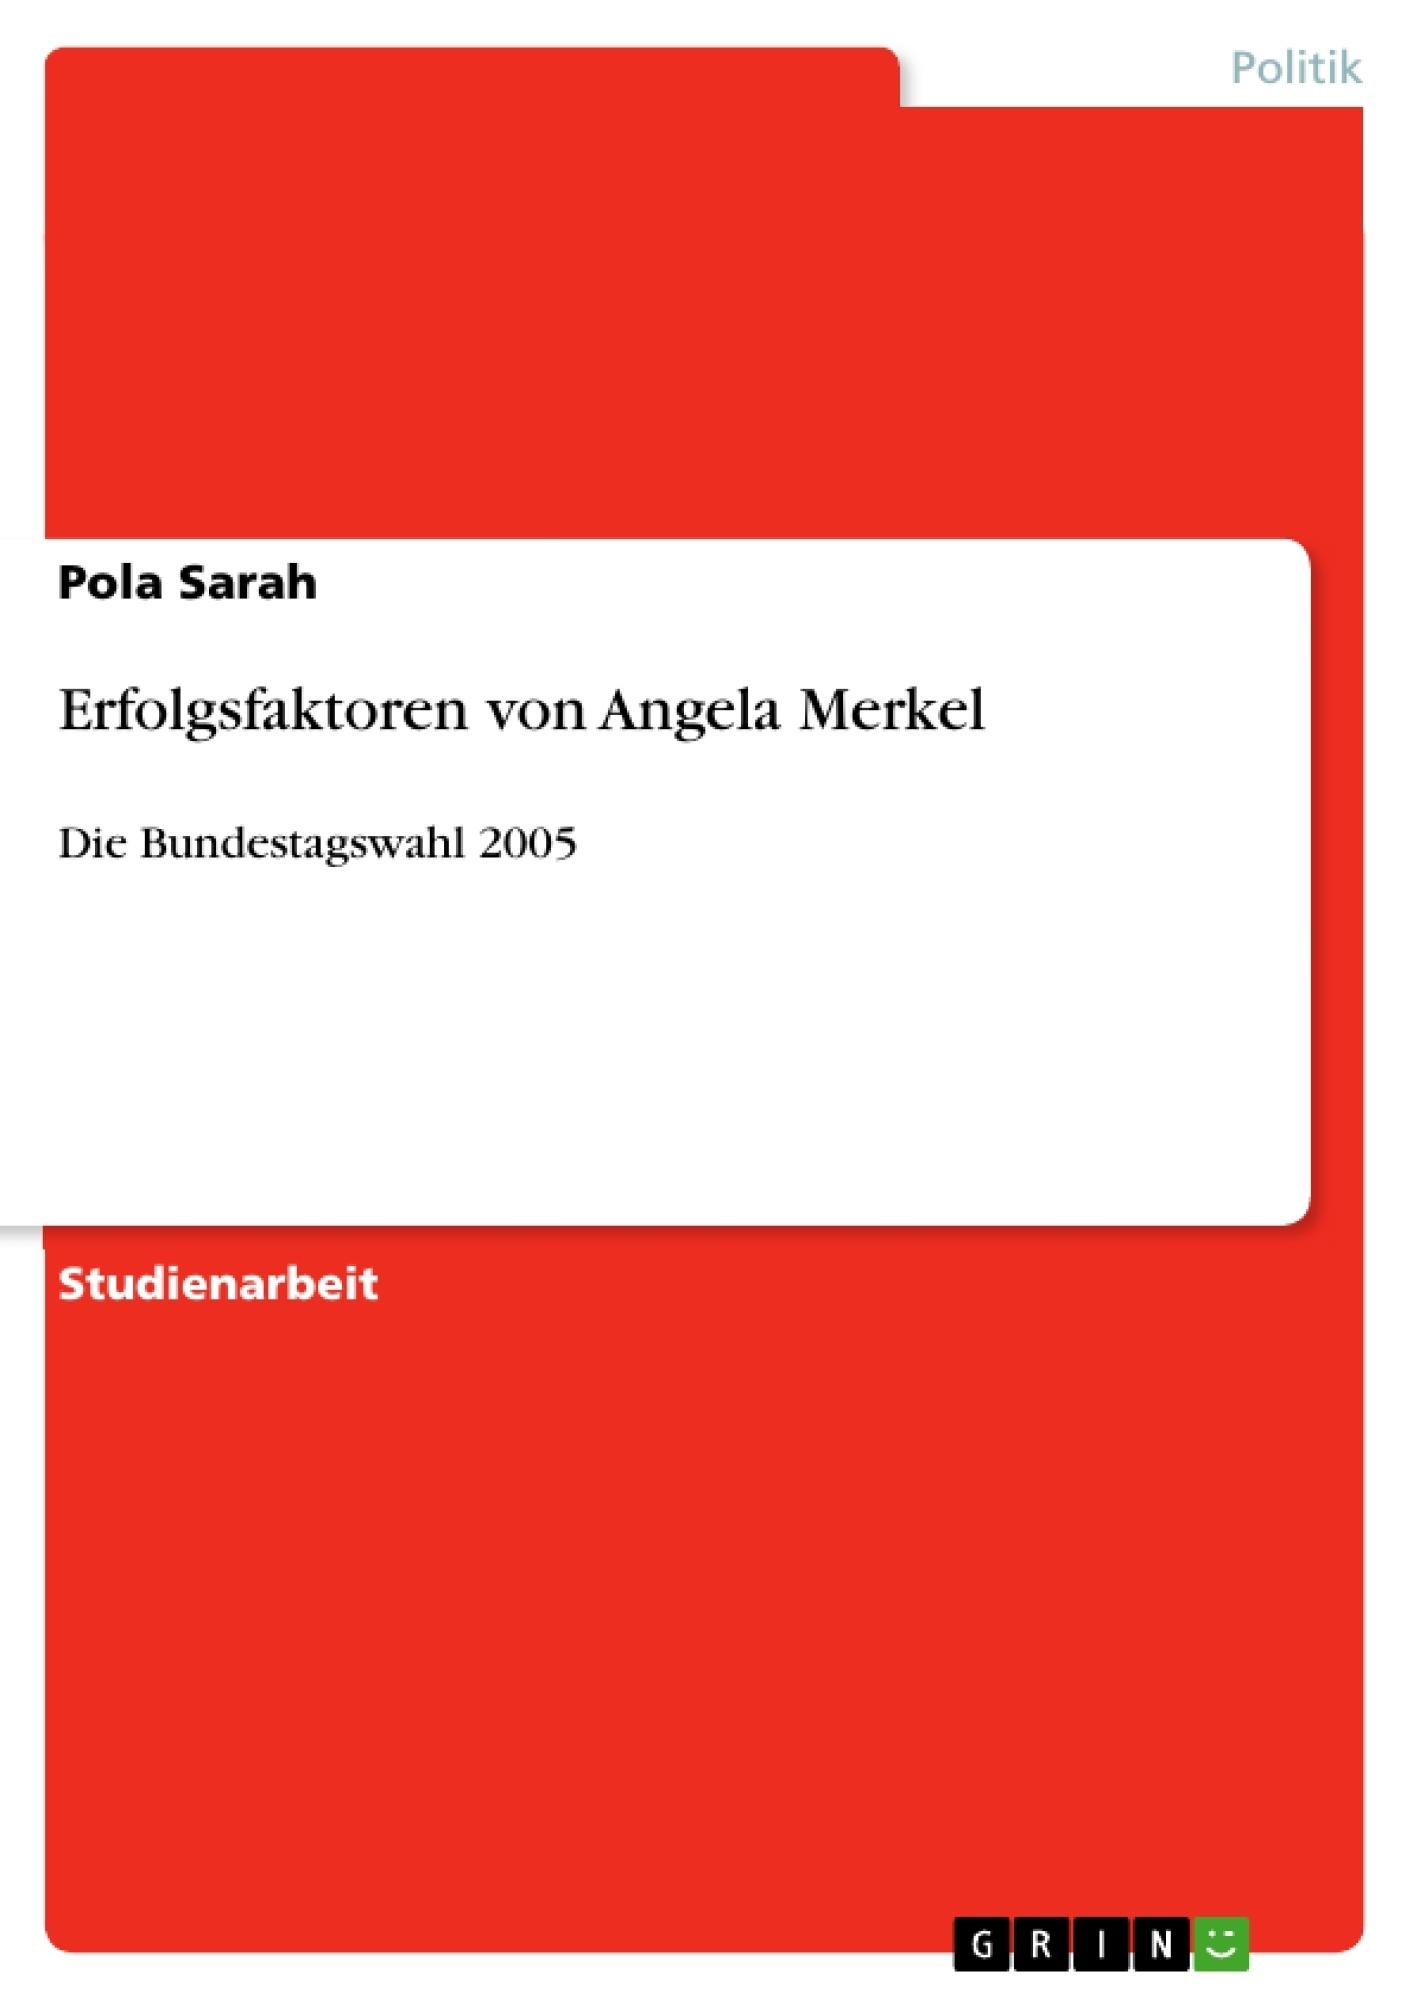 Titel: Erfolgsfaktoren von Angela Merkel